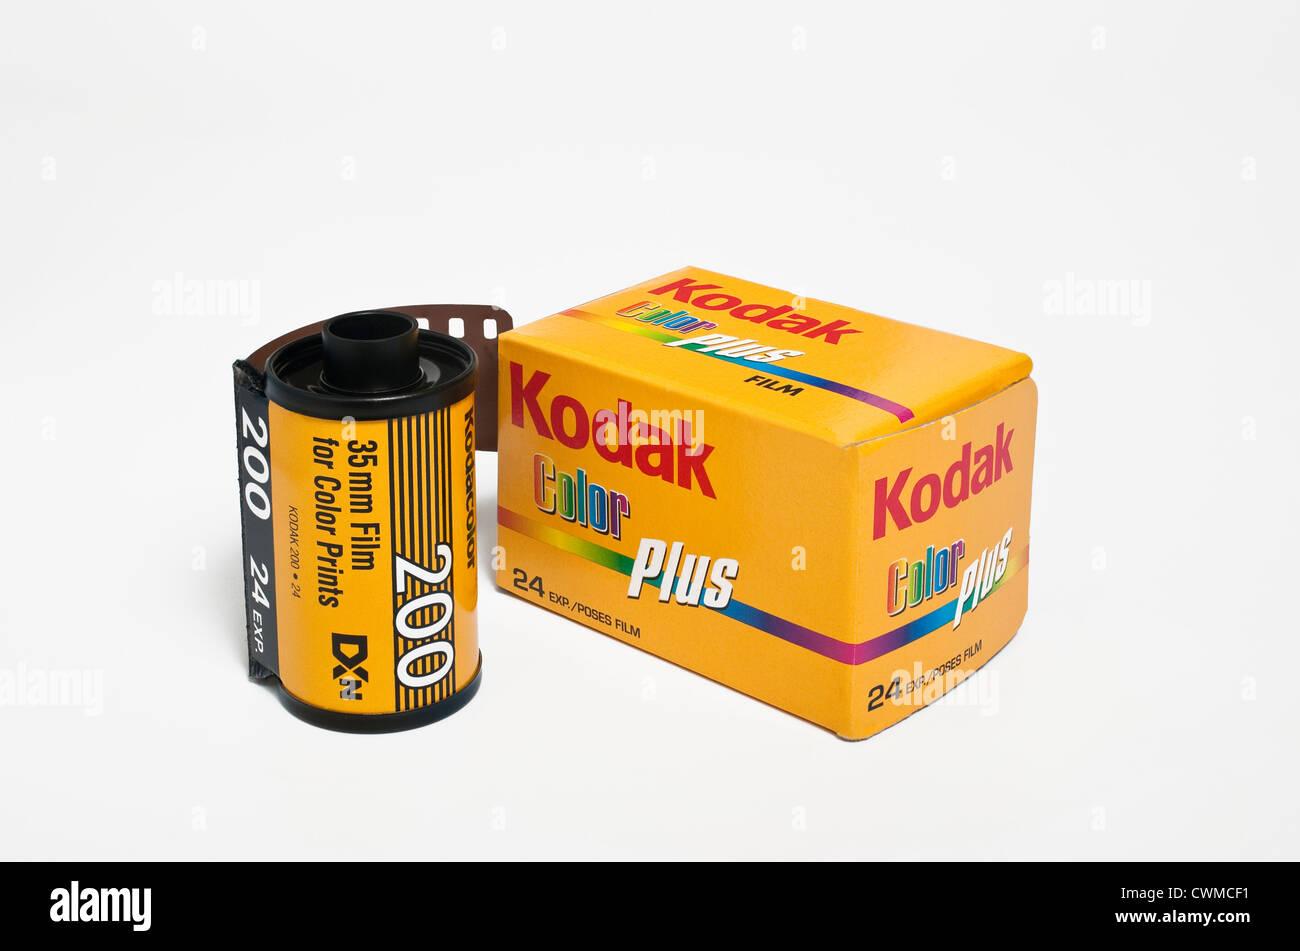 Un rouleau de 35mm film couleur Kodak avec son emballage boîte Photo Stock